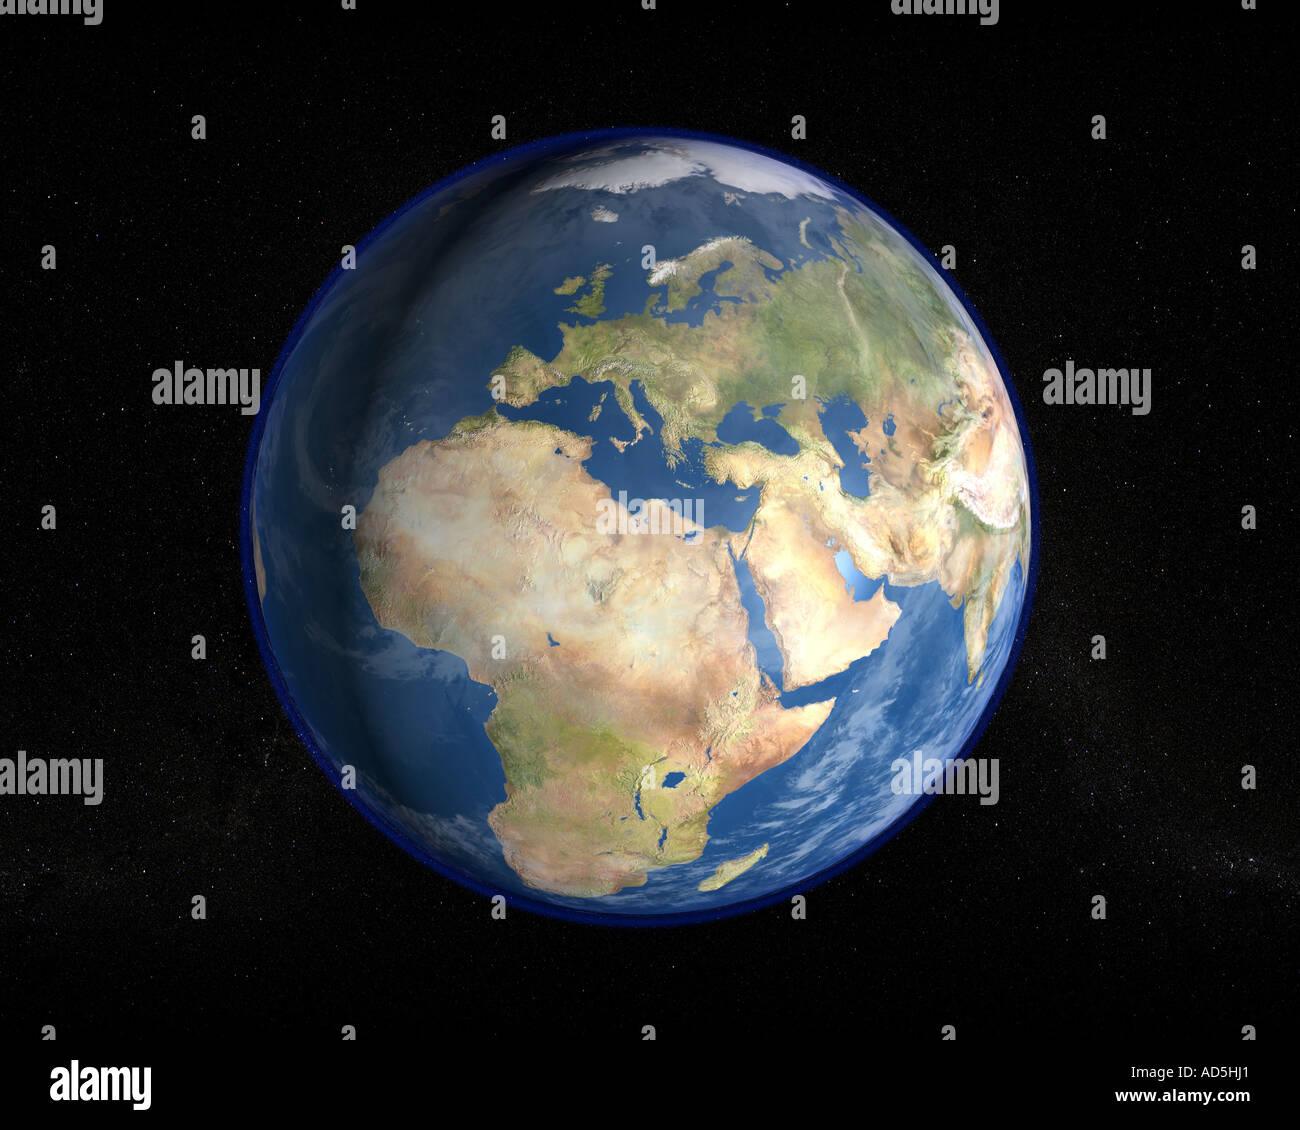 La planète Terre vue de l'espace dans une image de rendu photoréaliste haute résolution Photo Stock